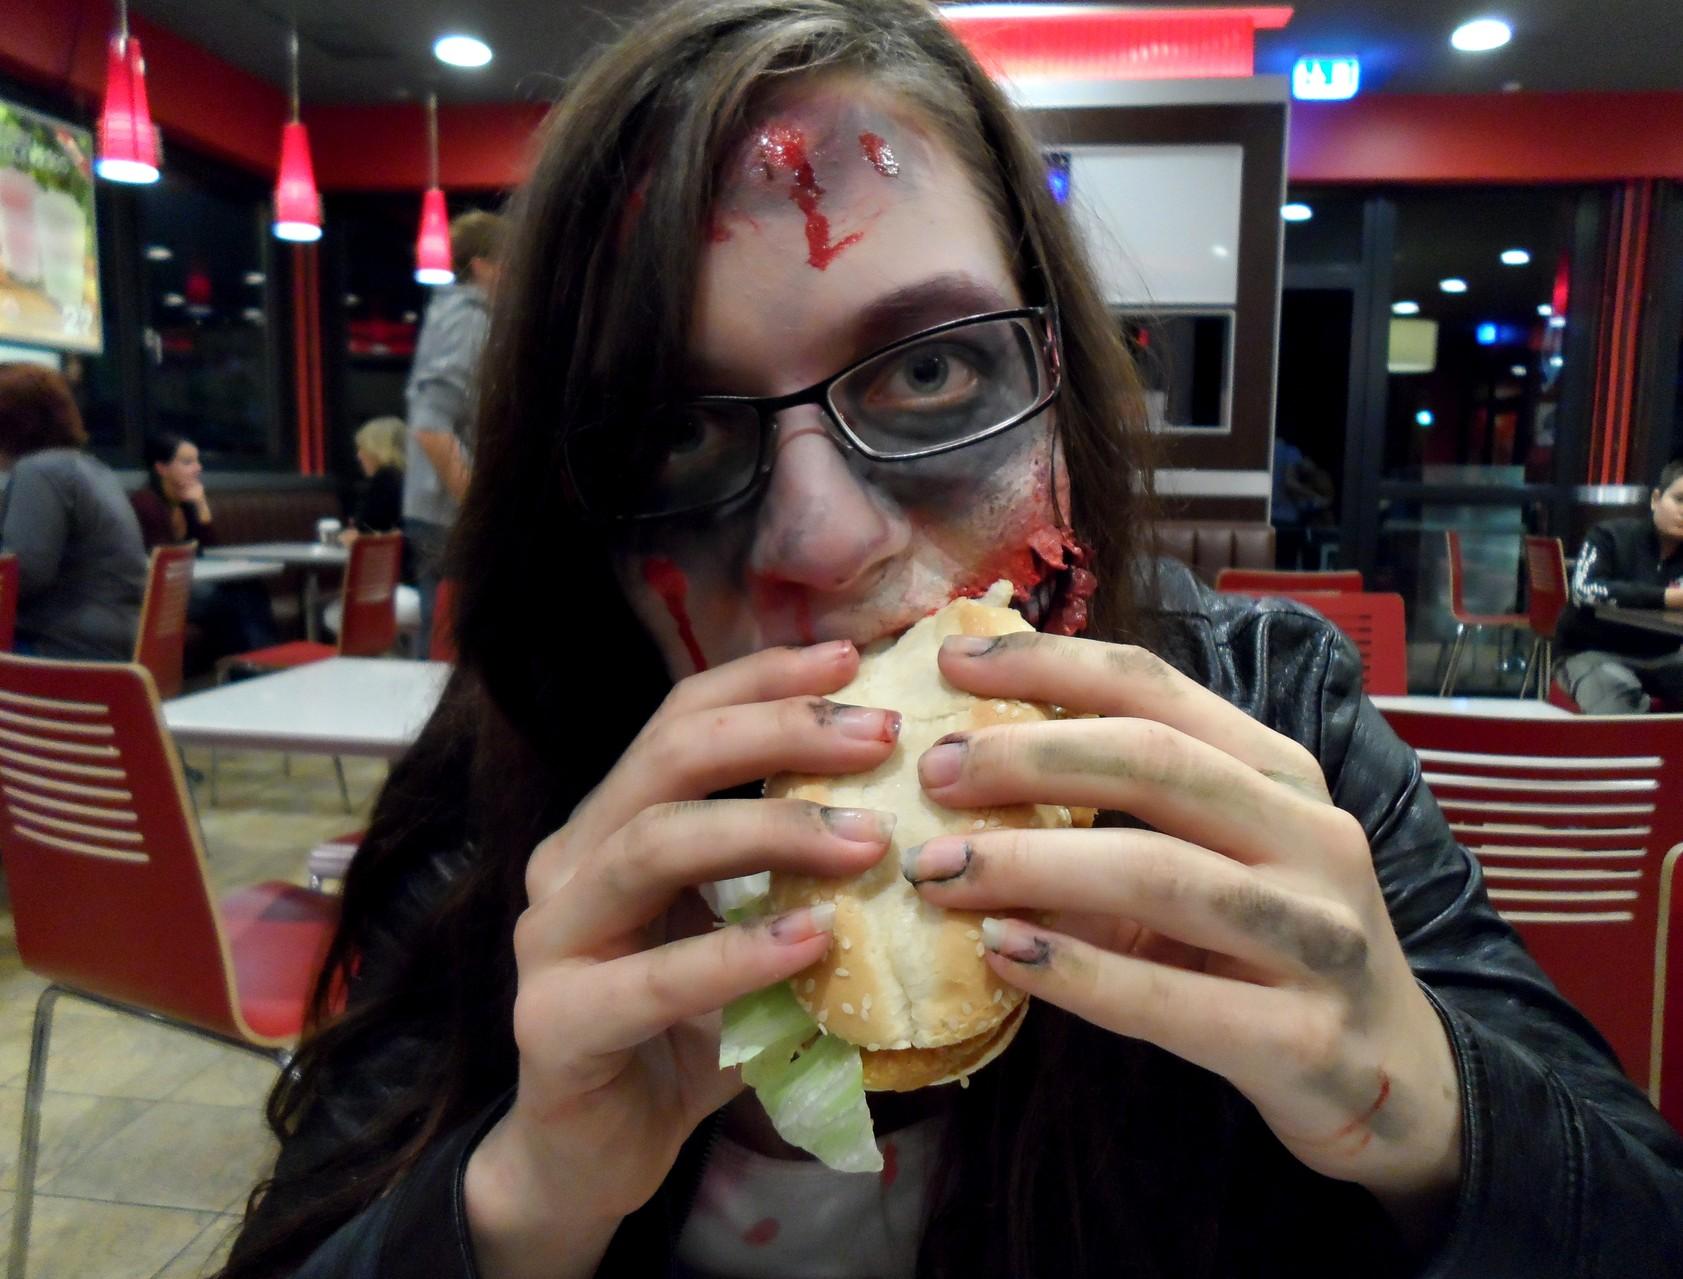 Ein Shooting macht hungig, also nix wie ab zum Vaihinger(Enz) Burger King. Dana meinte wir brauchen uns nicht abzuschminken.... XD ...Einer lies sogar seine Coke fallen... ojeee :D (Nachfolgende Fotos: bodyART Galerie)